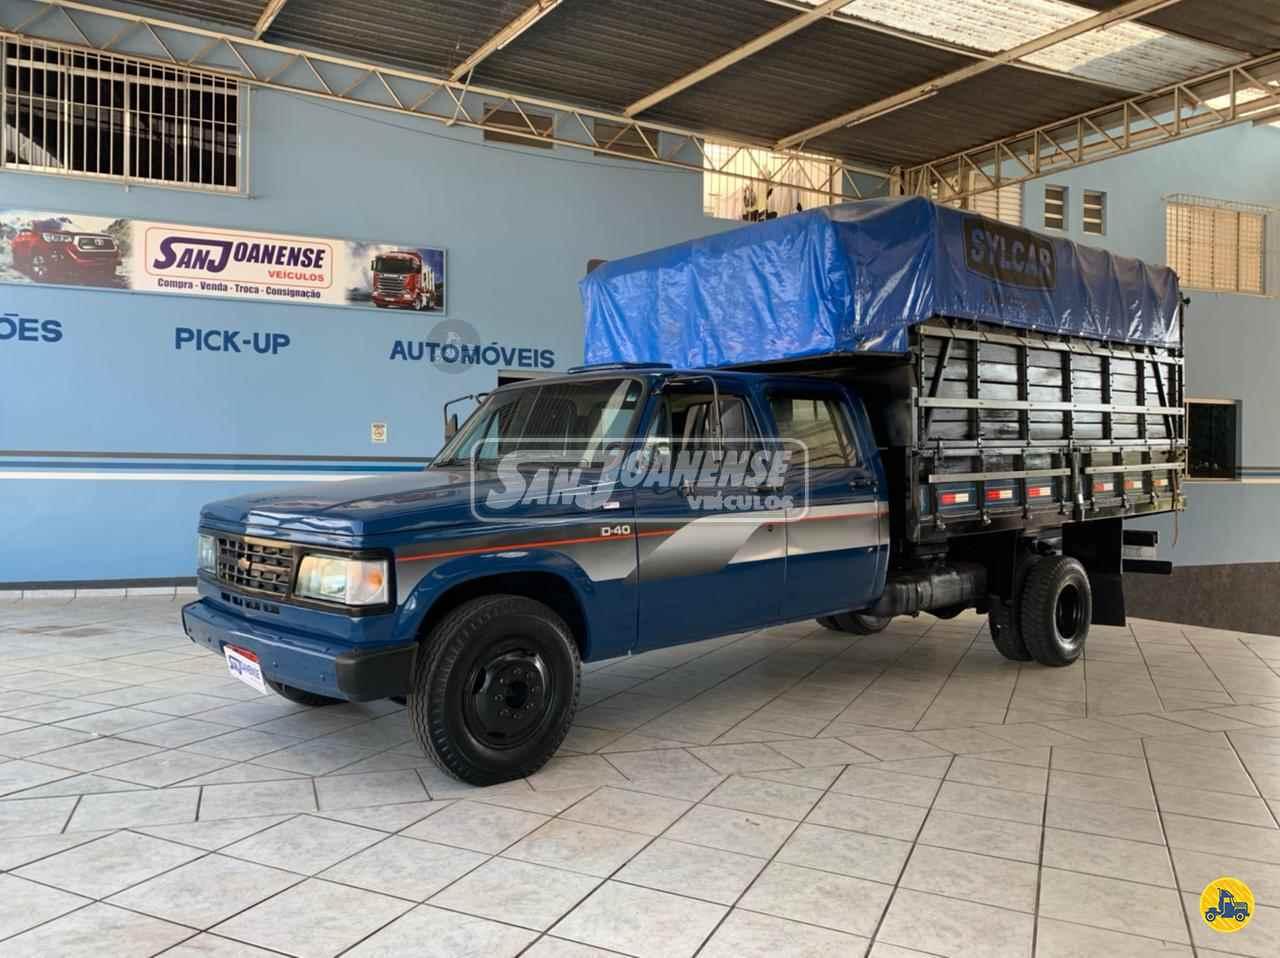 CAMINHAO GM D40 Boiadeiro 3/4 4x2 Sanjoanense Veículos SAO JOAO DA BOA VISTA SÃO PAULO SP